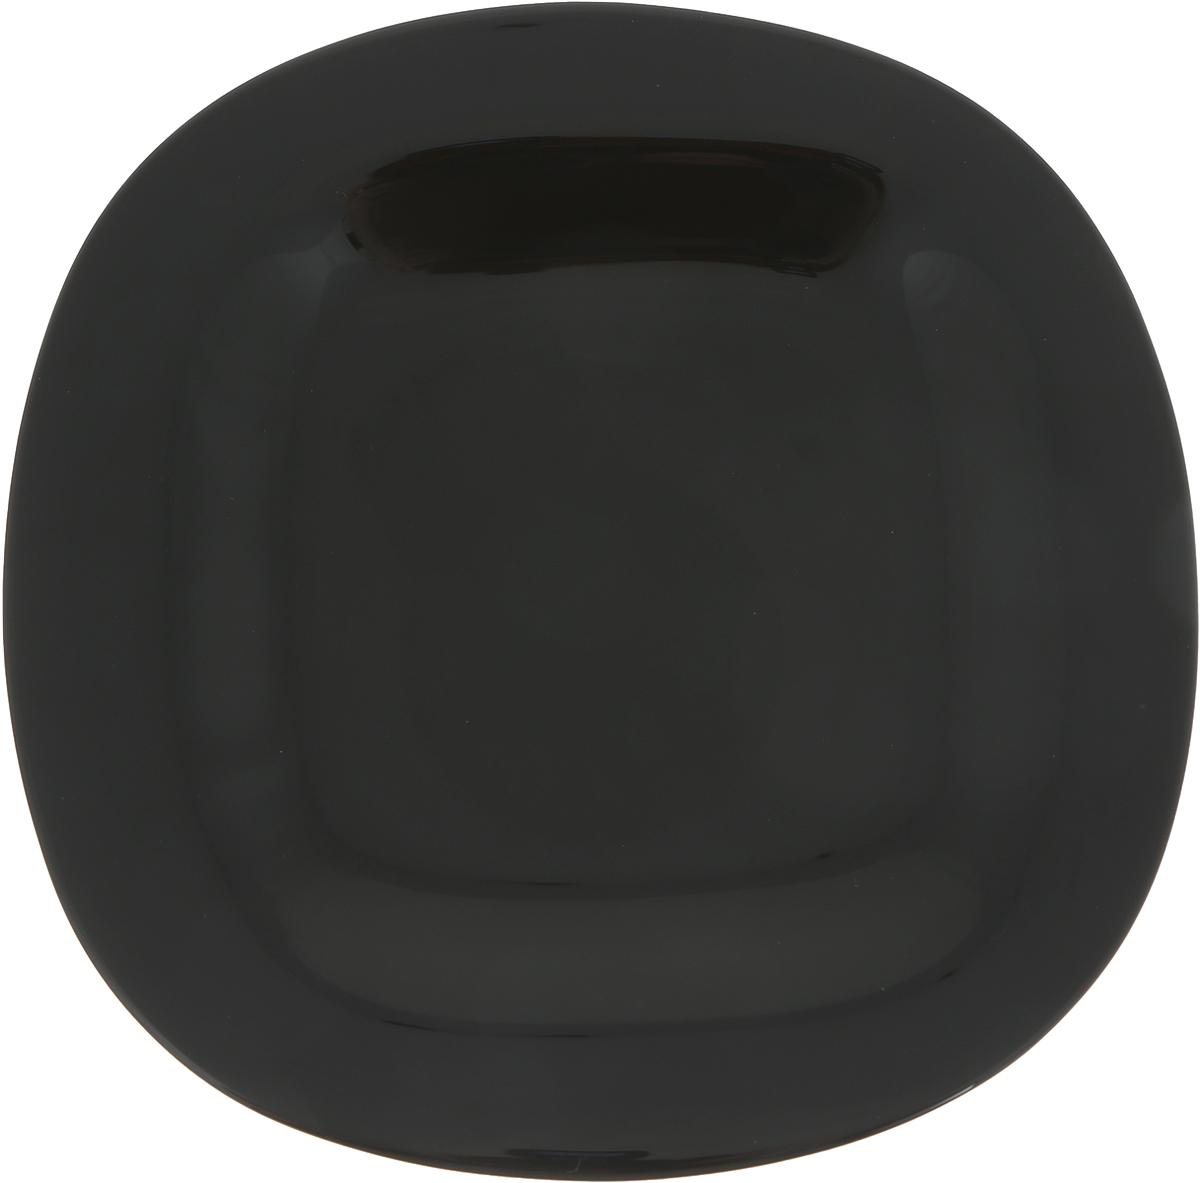 """Тарелка десертная Luminarc """"Carine"""", изготовлена из ударопрочного стекла. Такая тарелка прекрасно подходит как для торжественных случаев, так и для повседневного использования. Идеальна для подачи десертов, пирожных, тортов и многого другого. Она прекрасно оформит стол и станет отличным дополнением к вашей коллекции кухонной посуды.  Изделие можно мыть в посудомоечной машине.  Диаметр тарелки: 19 см."""